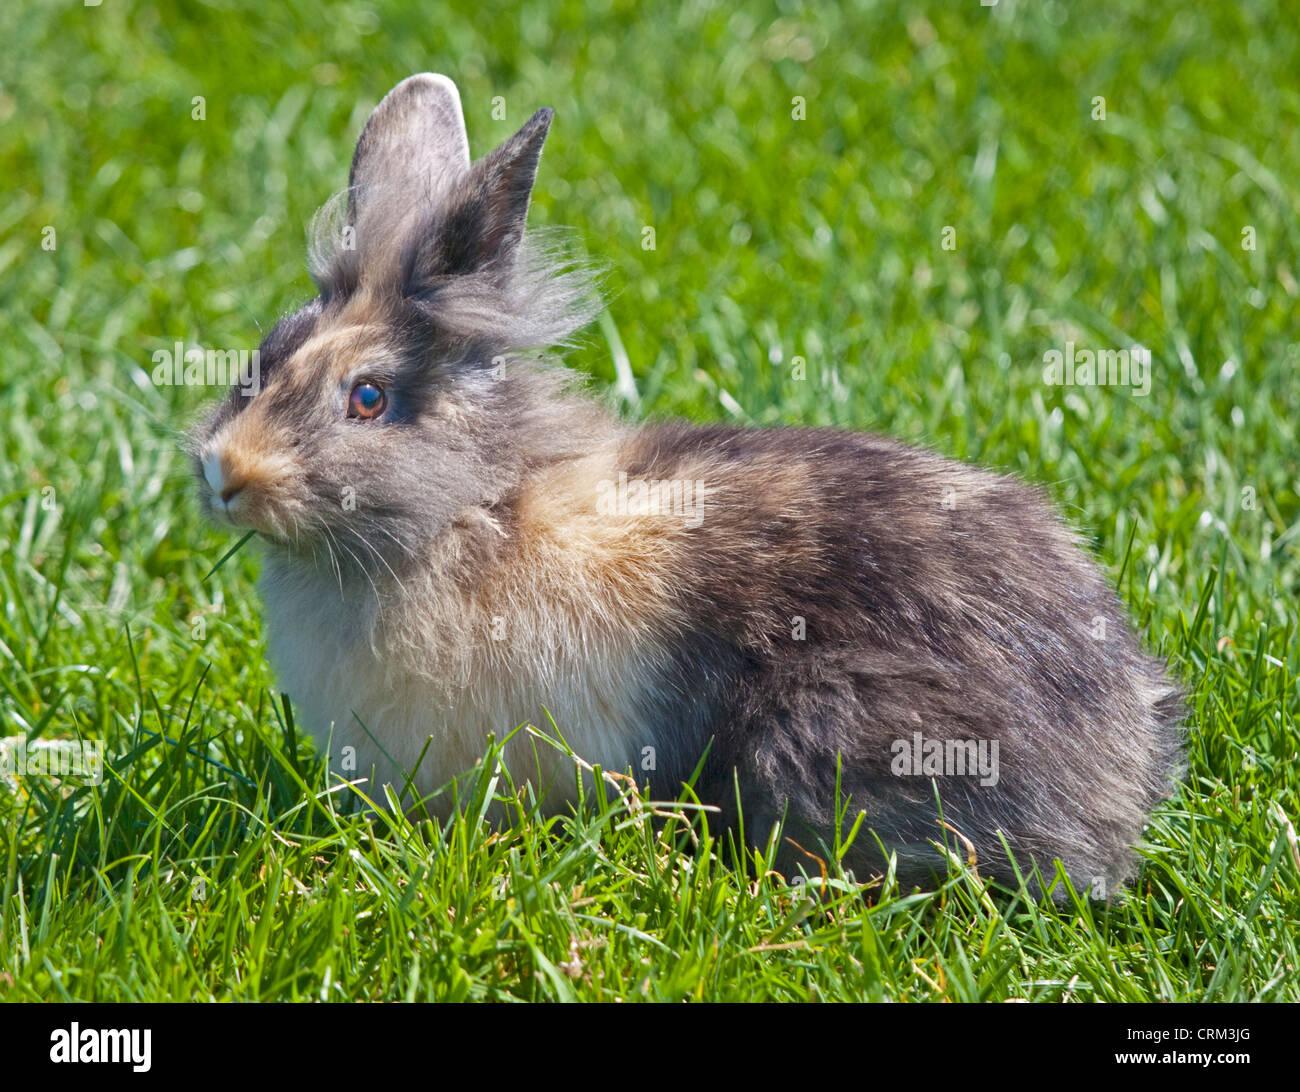 Lionhead rabbit couleur Arlequin, UK Banque D'Images